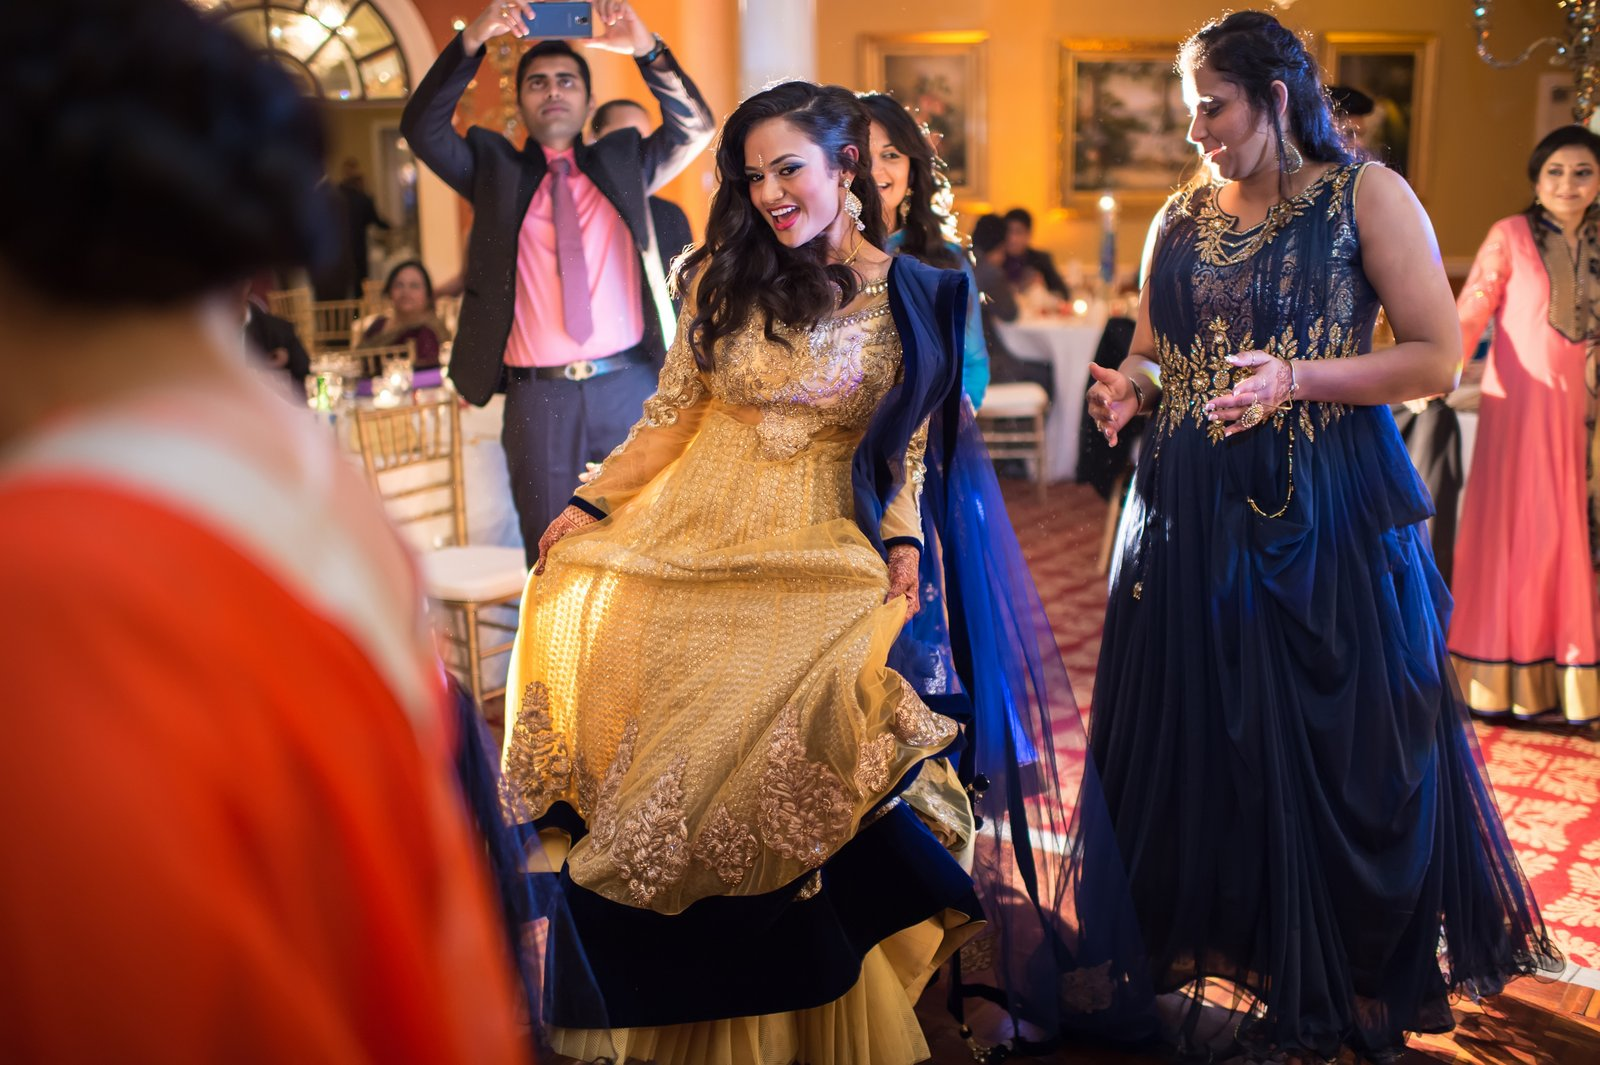 indian wedding party photos